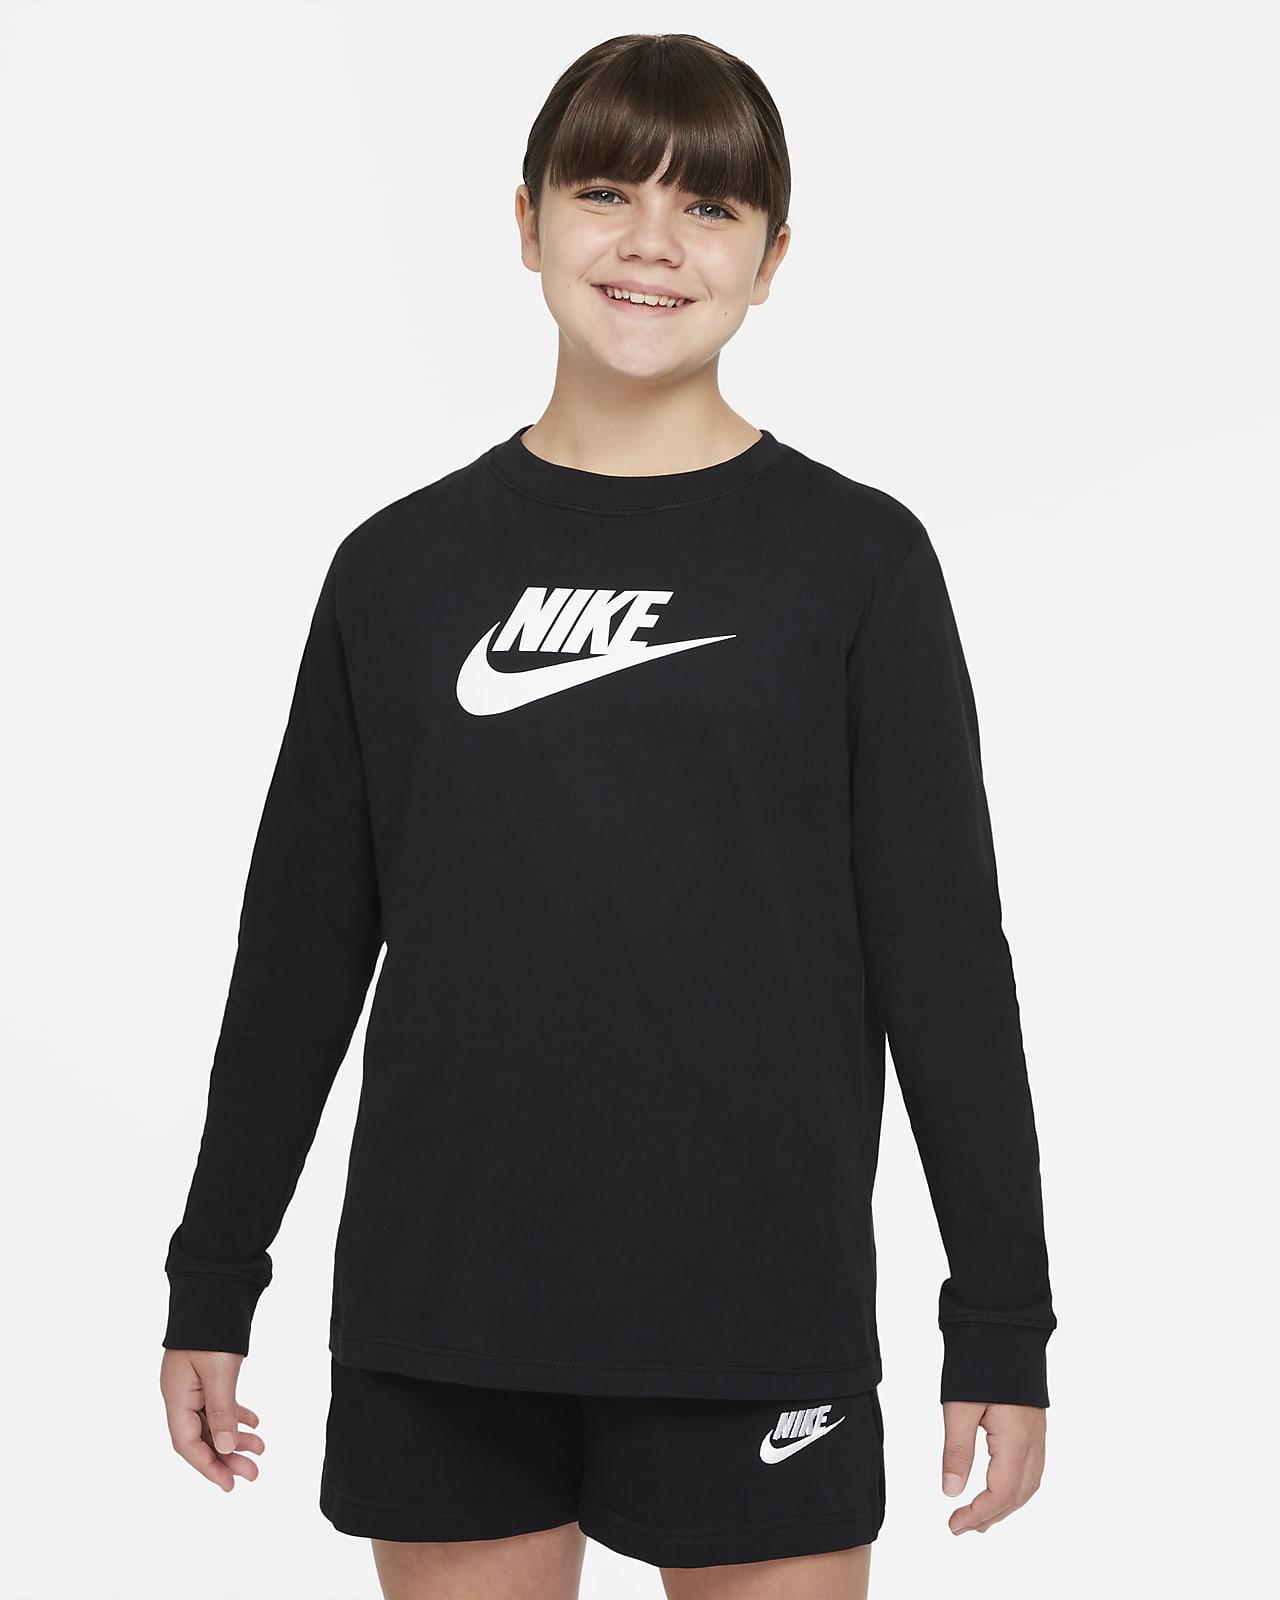 Nike Sportswear Older Kids' (Girls') Long-Sleeve T-Shirt (Extended Size)